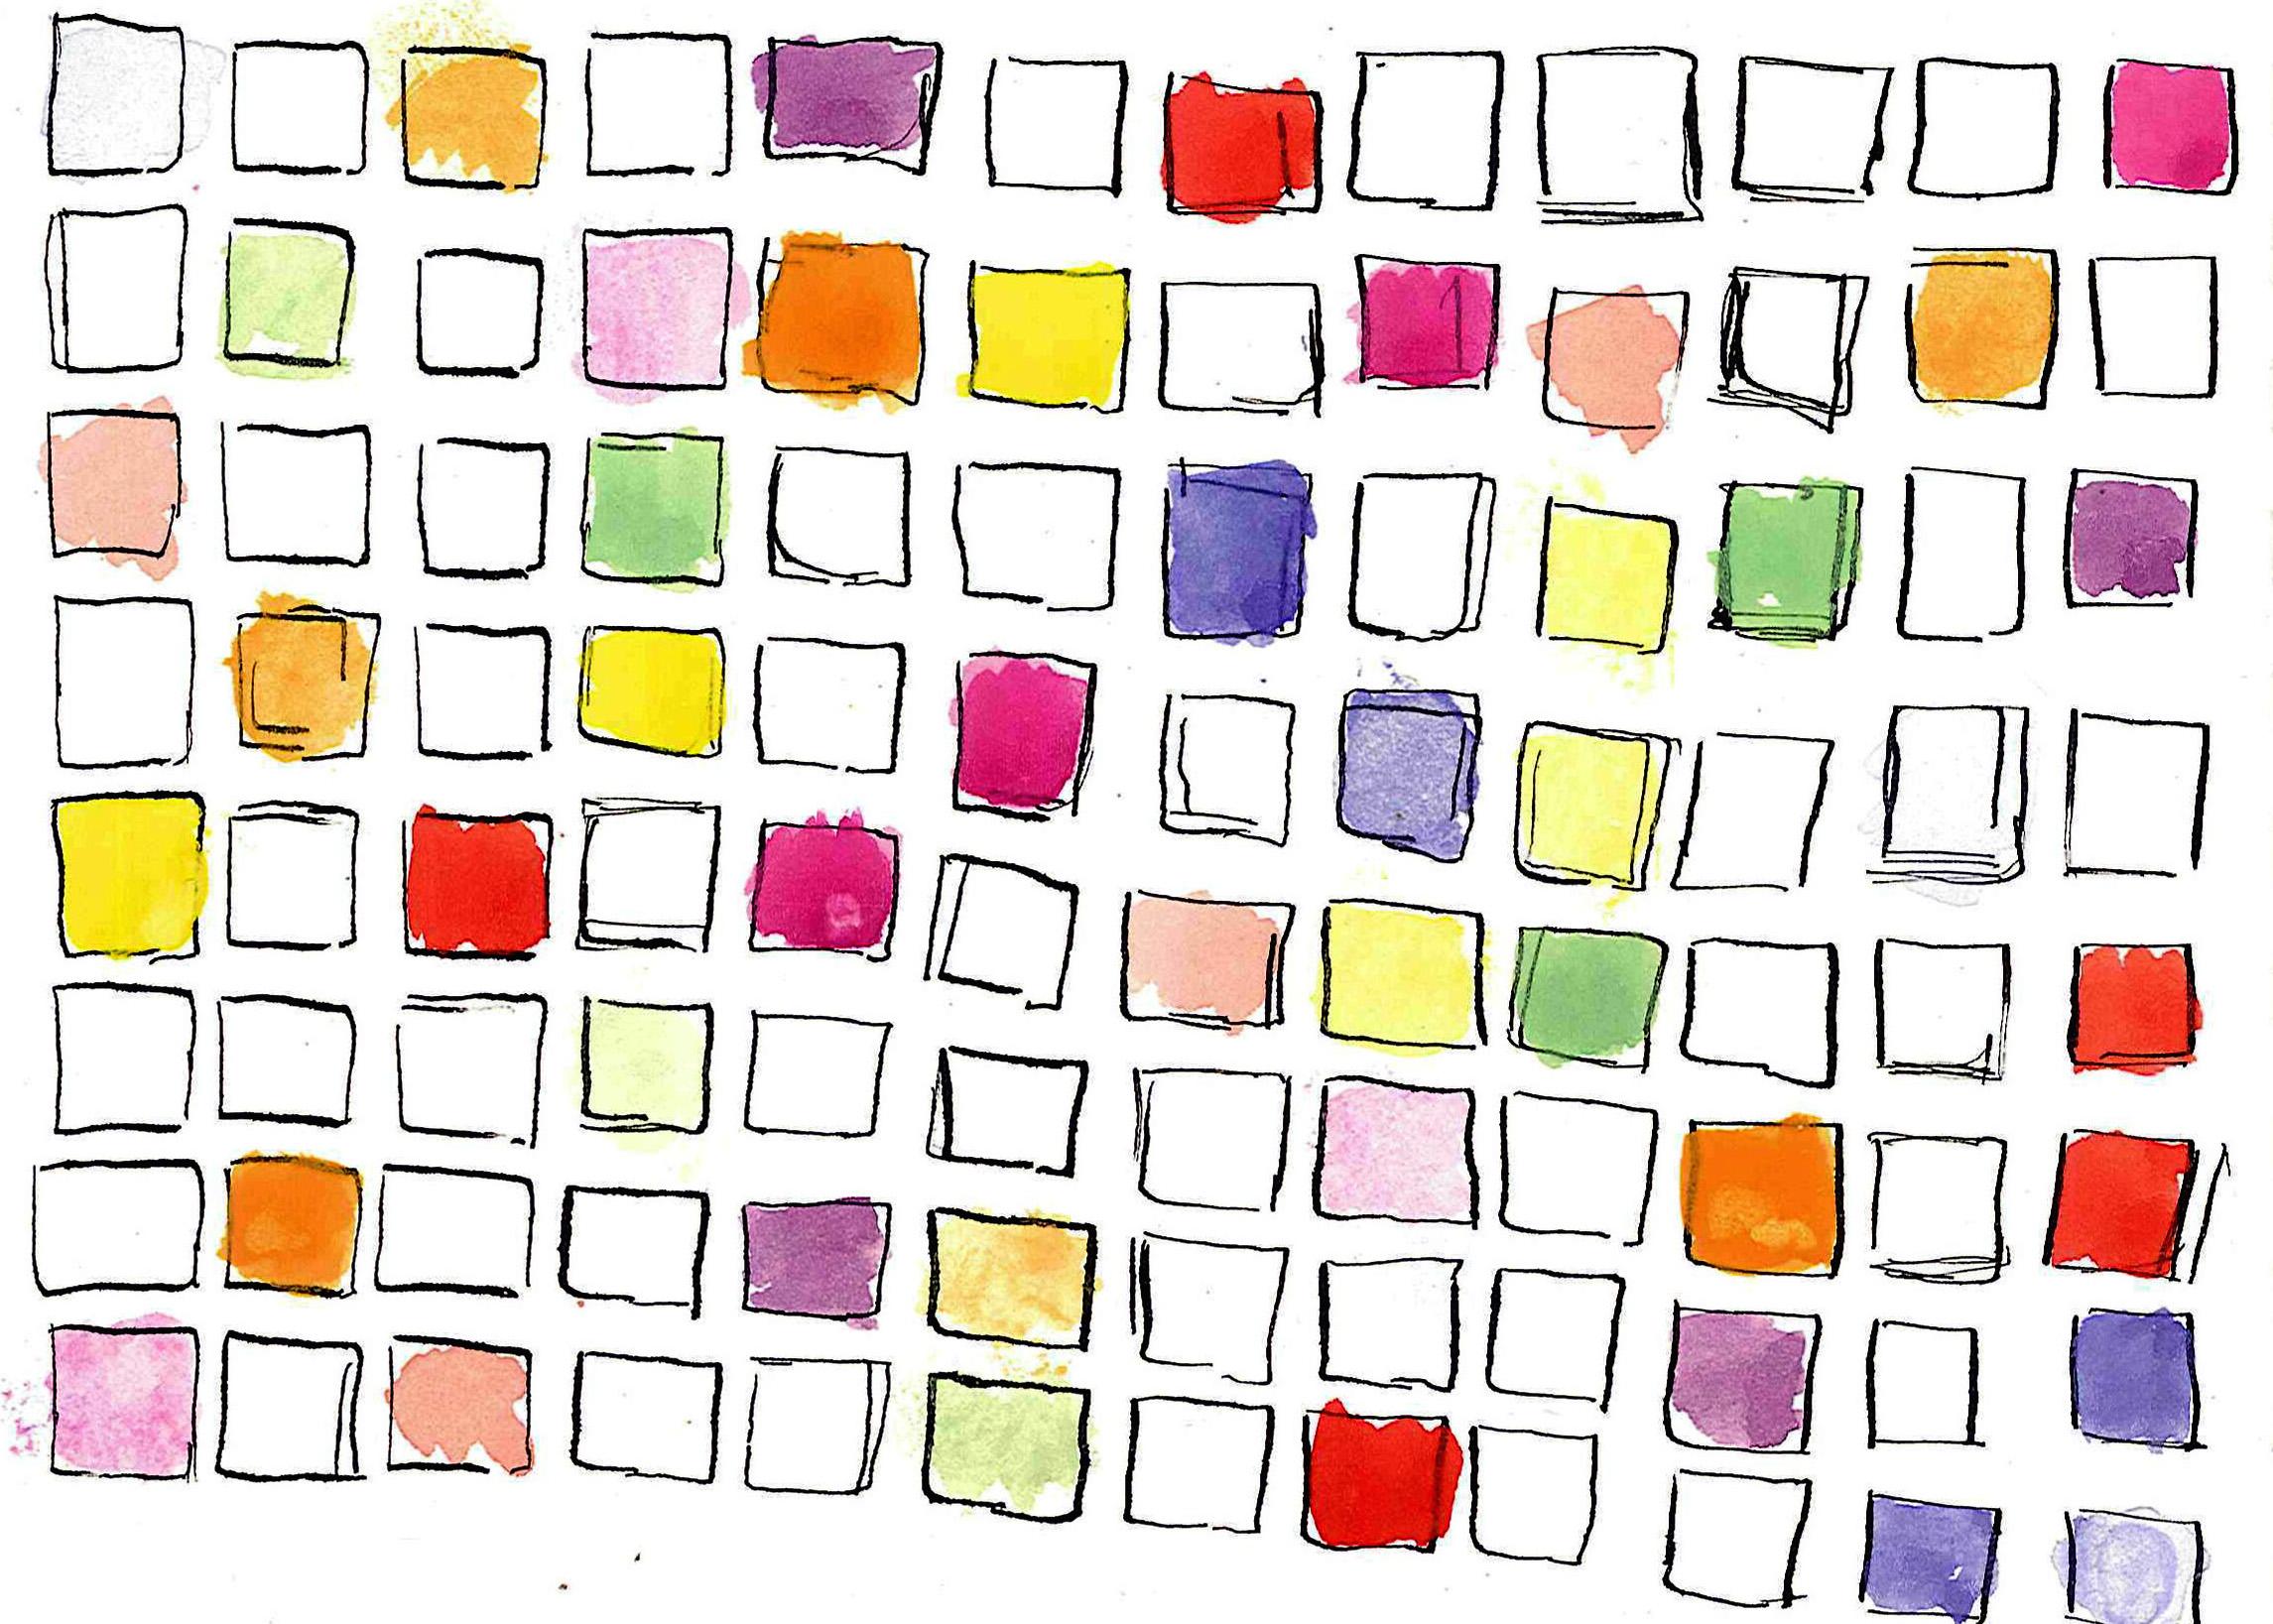 schets 5-.jpg